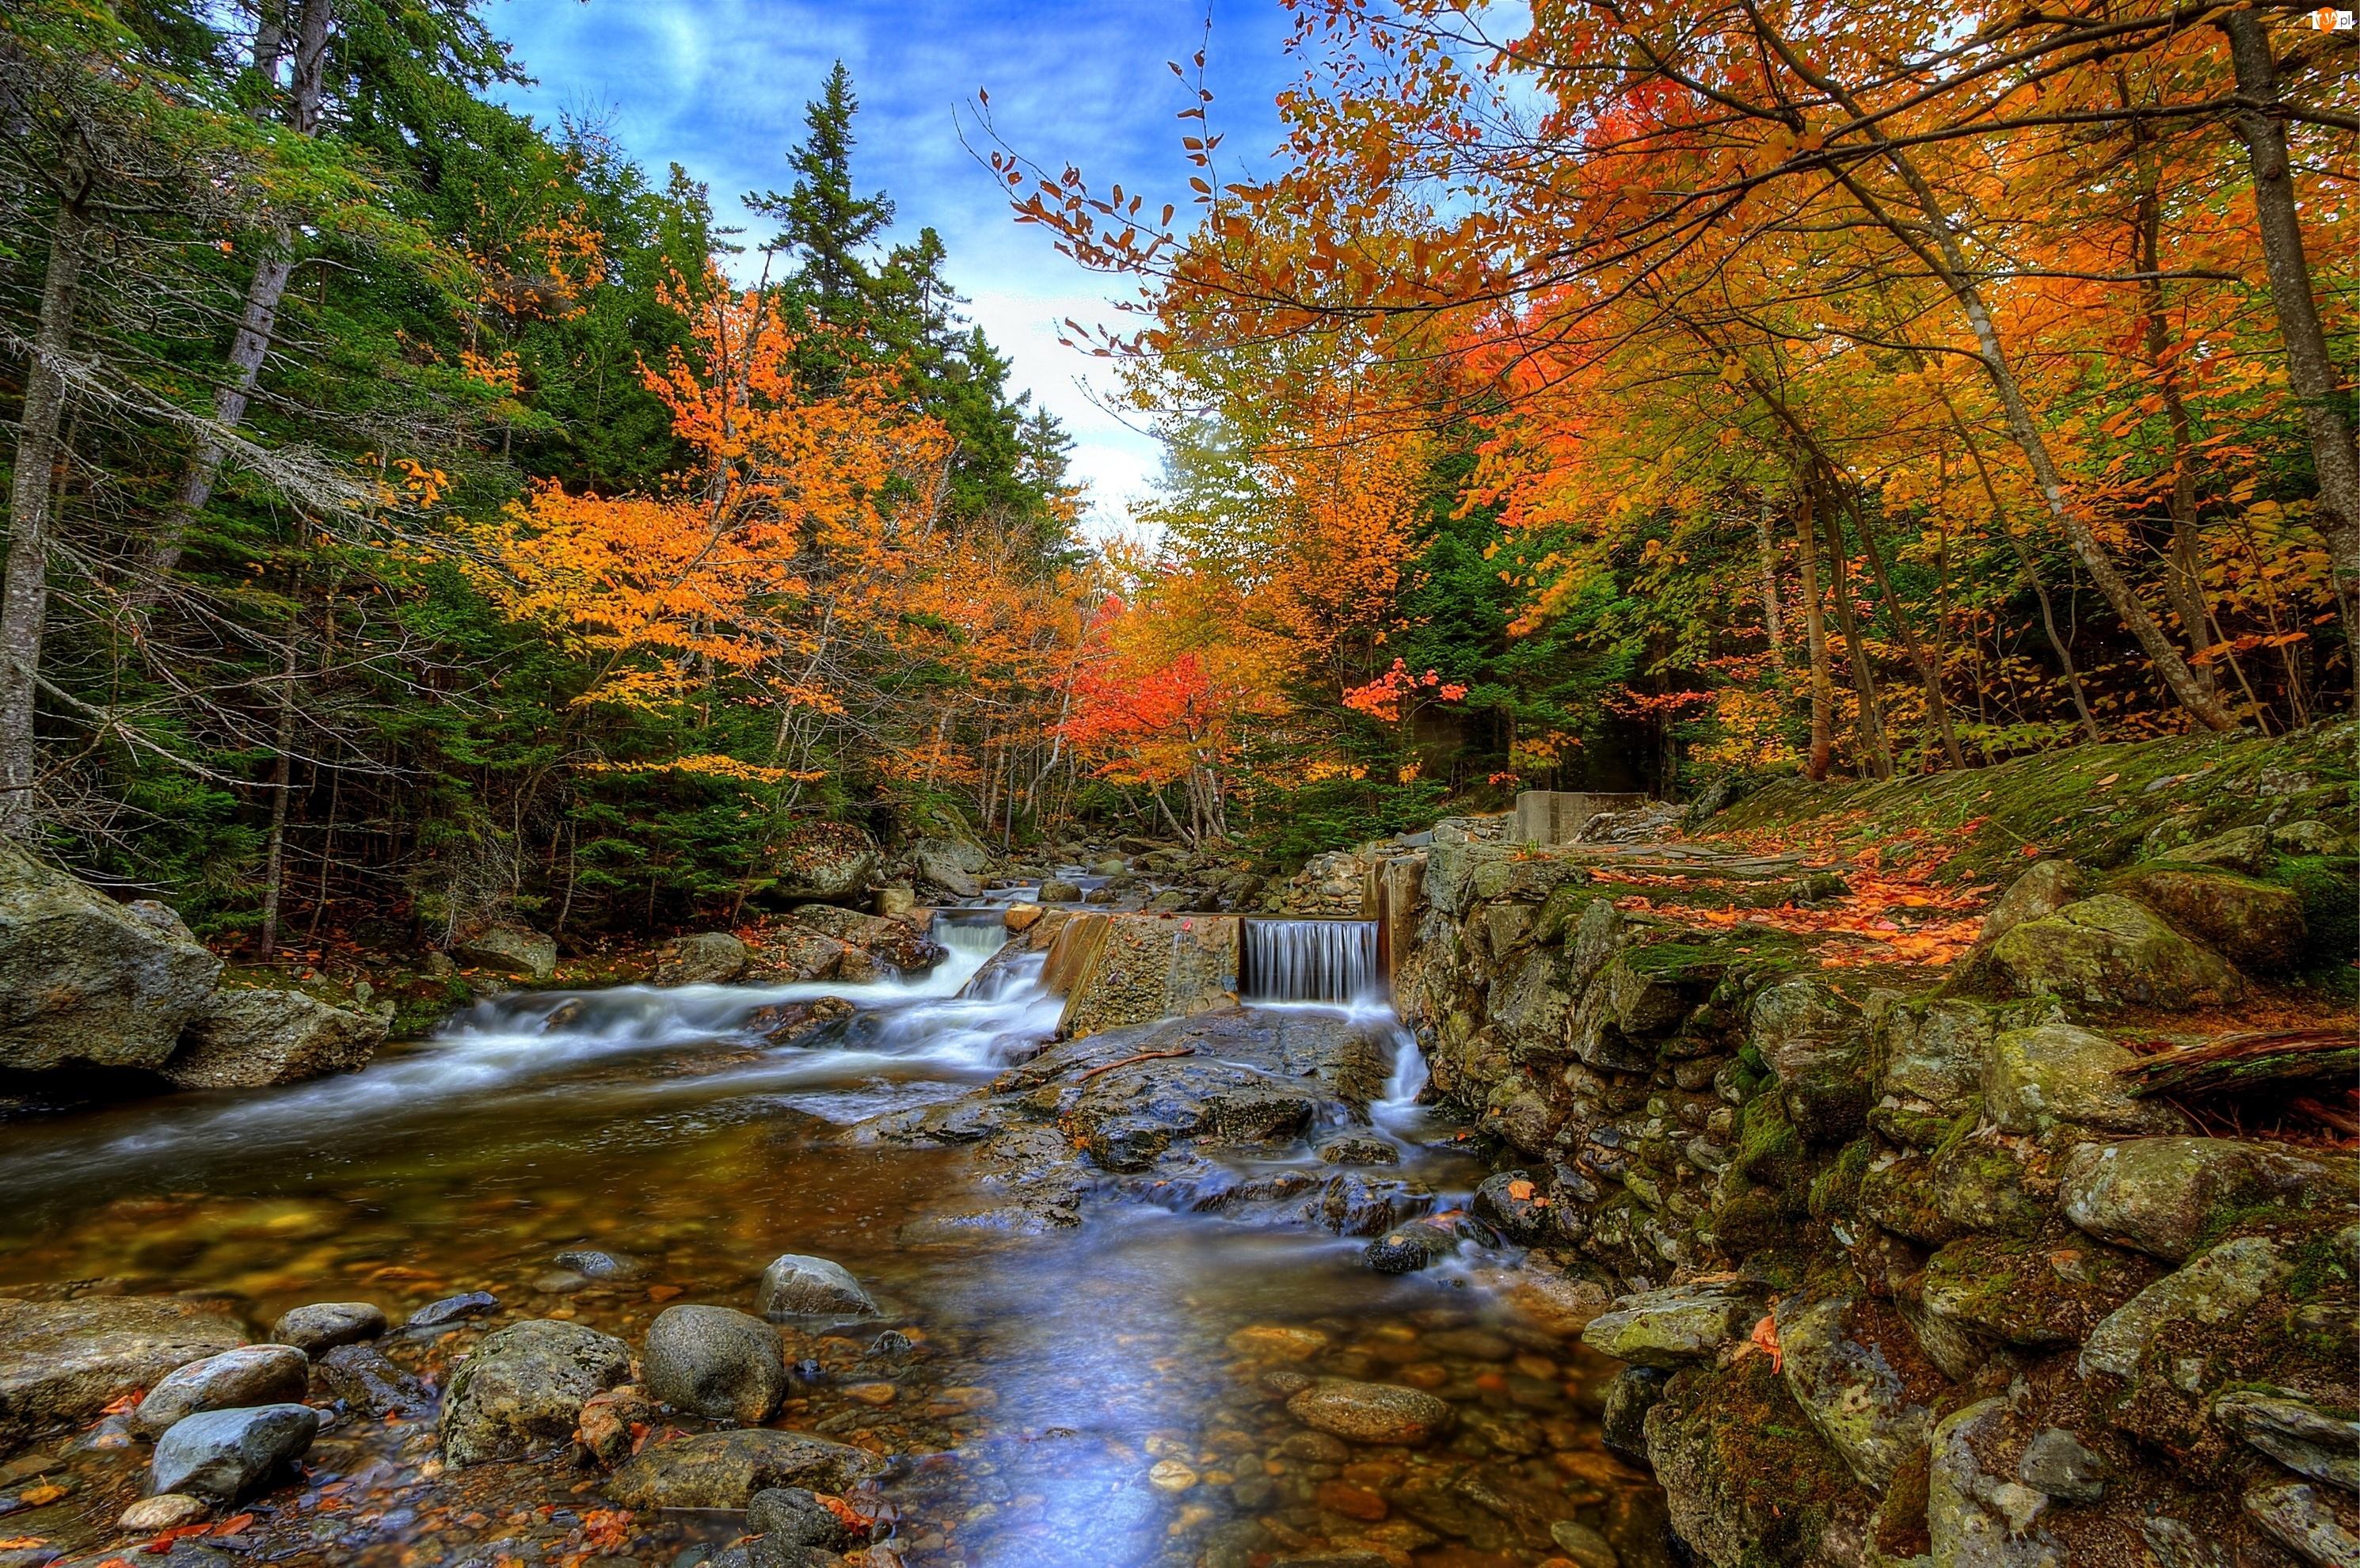 Jesień, Kamienie, Rzeka, Las